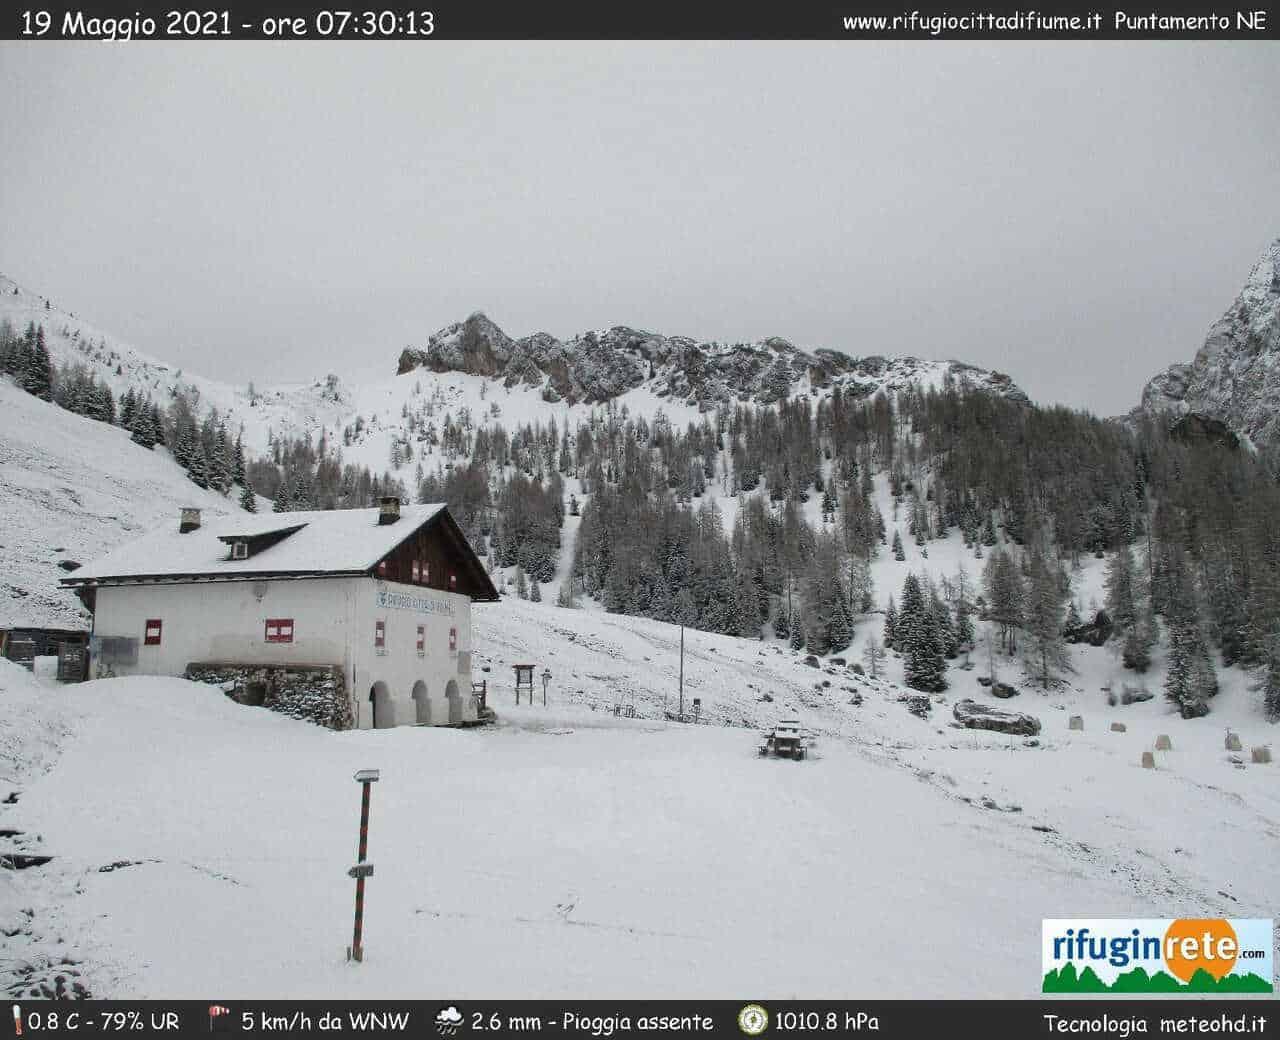 rifugio citta fiume - Meteo cronaca: FREDDO insolito con NEVE sulle Alpi a quote basse per Maggio